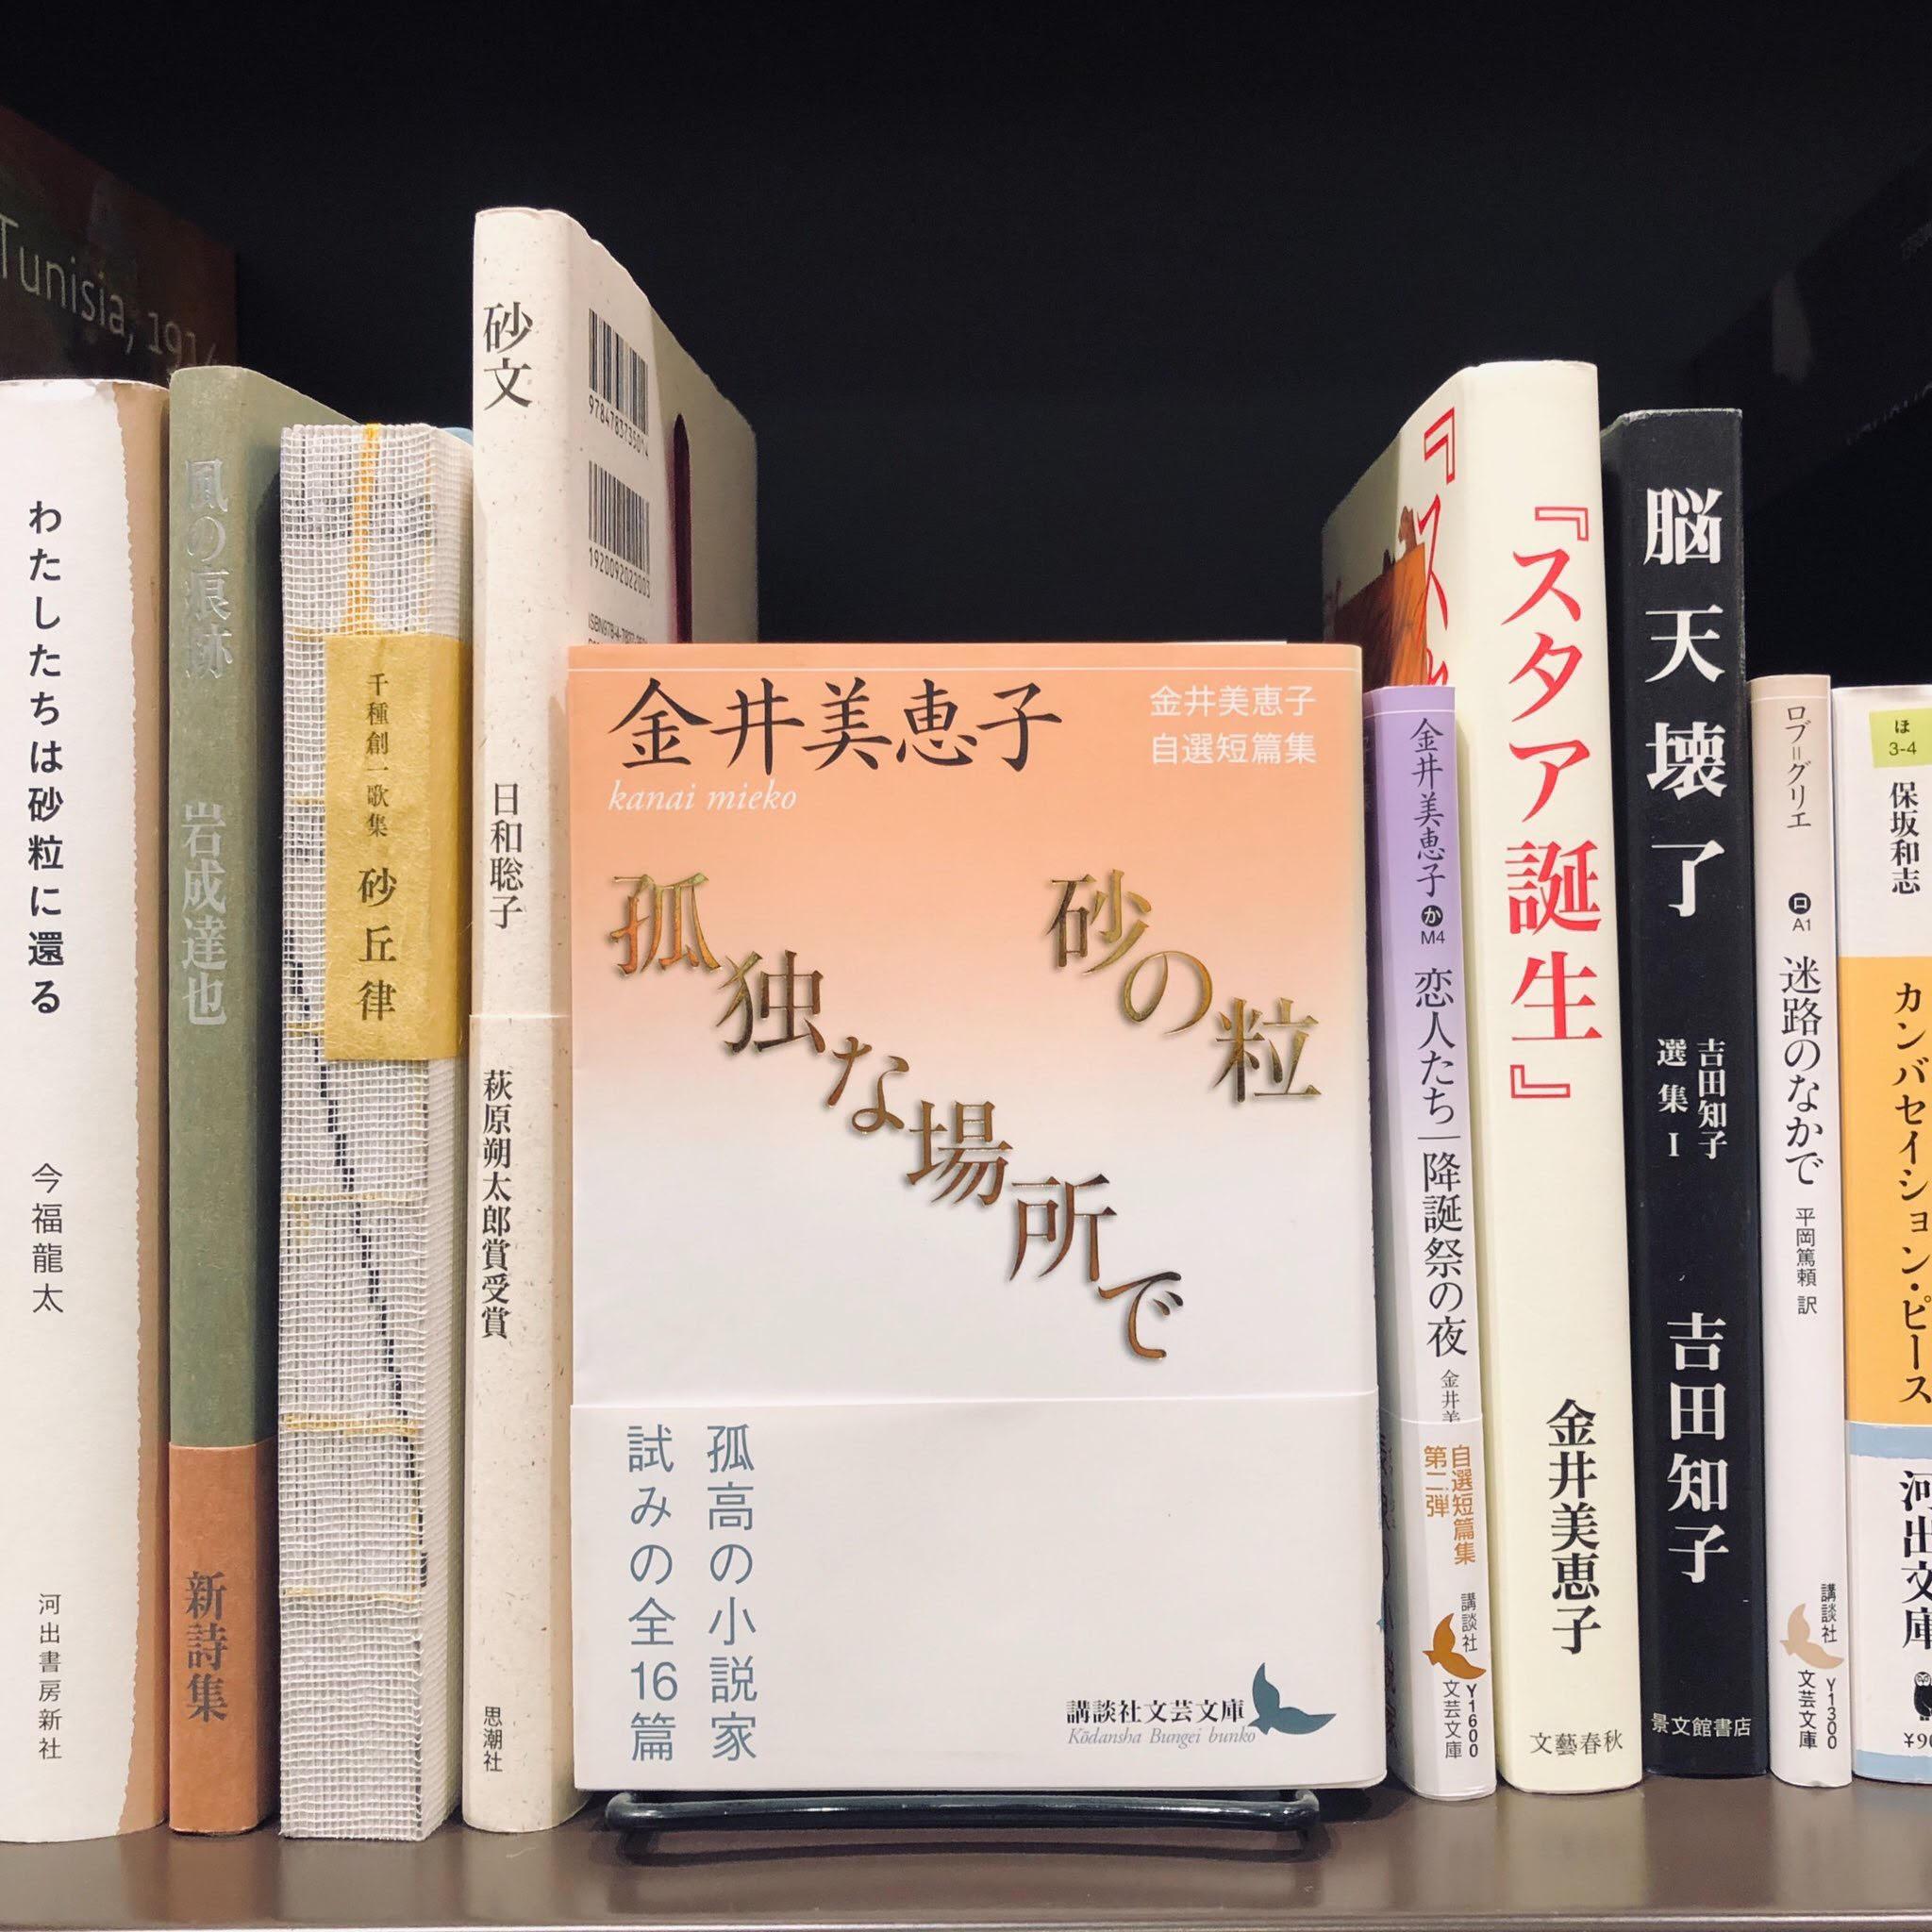 金井美恵子『砂の粒|孤独な場所』(講談社文芸文庫)